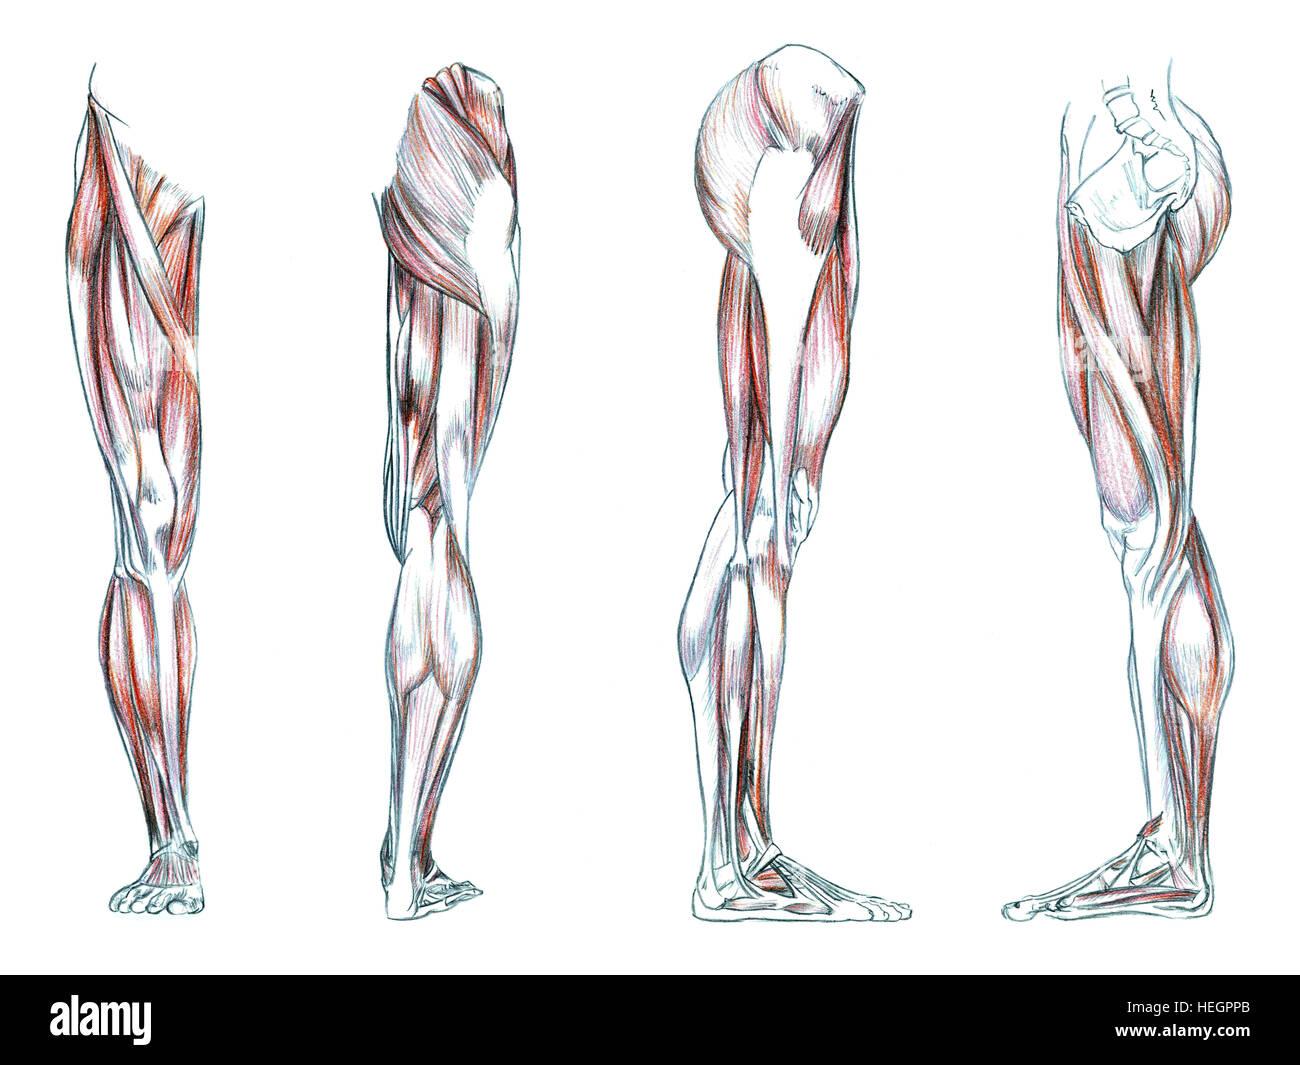 Ungewöhnlich Hirnvenenanatomie Zeitgenössisch - Menschliche Anatomie ...